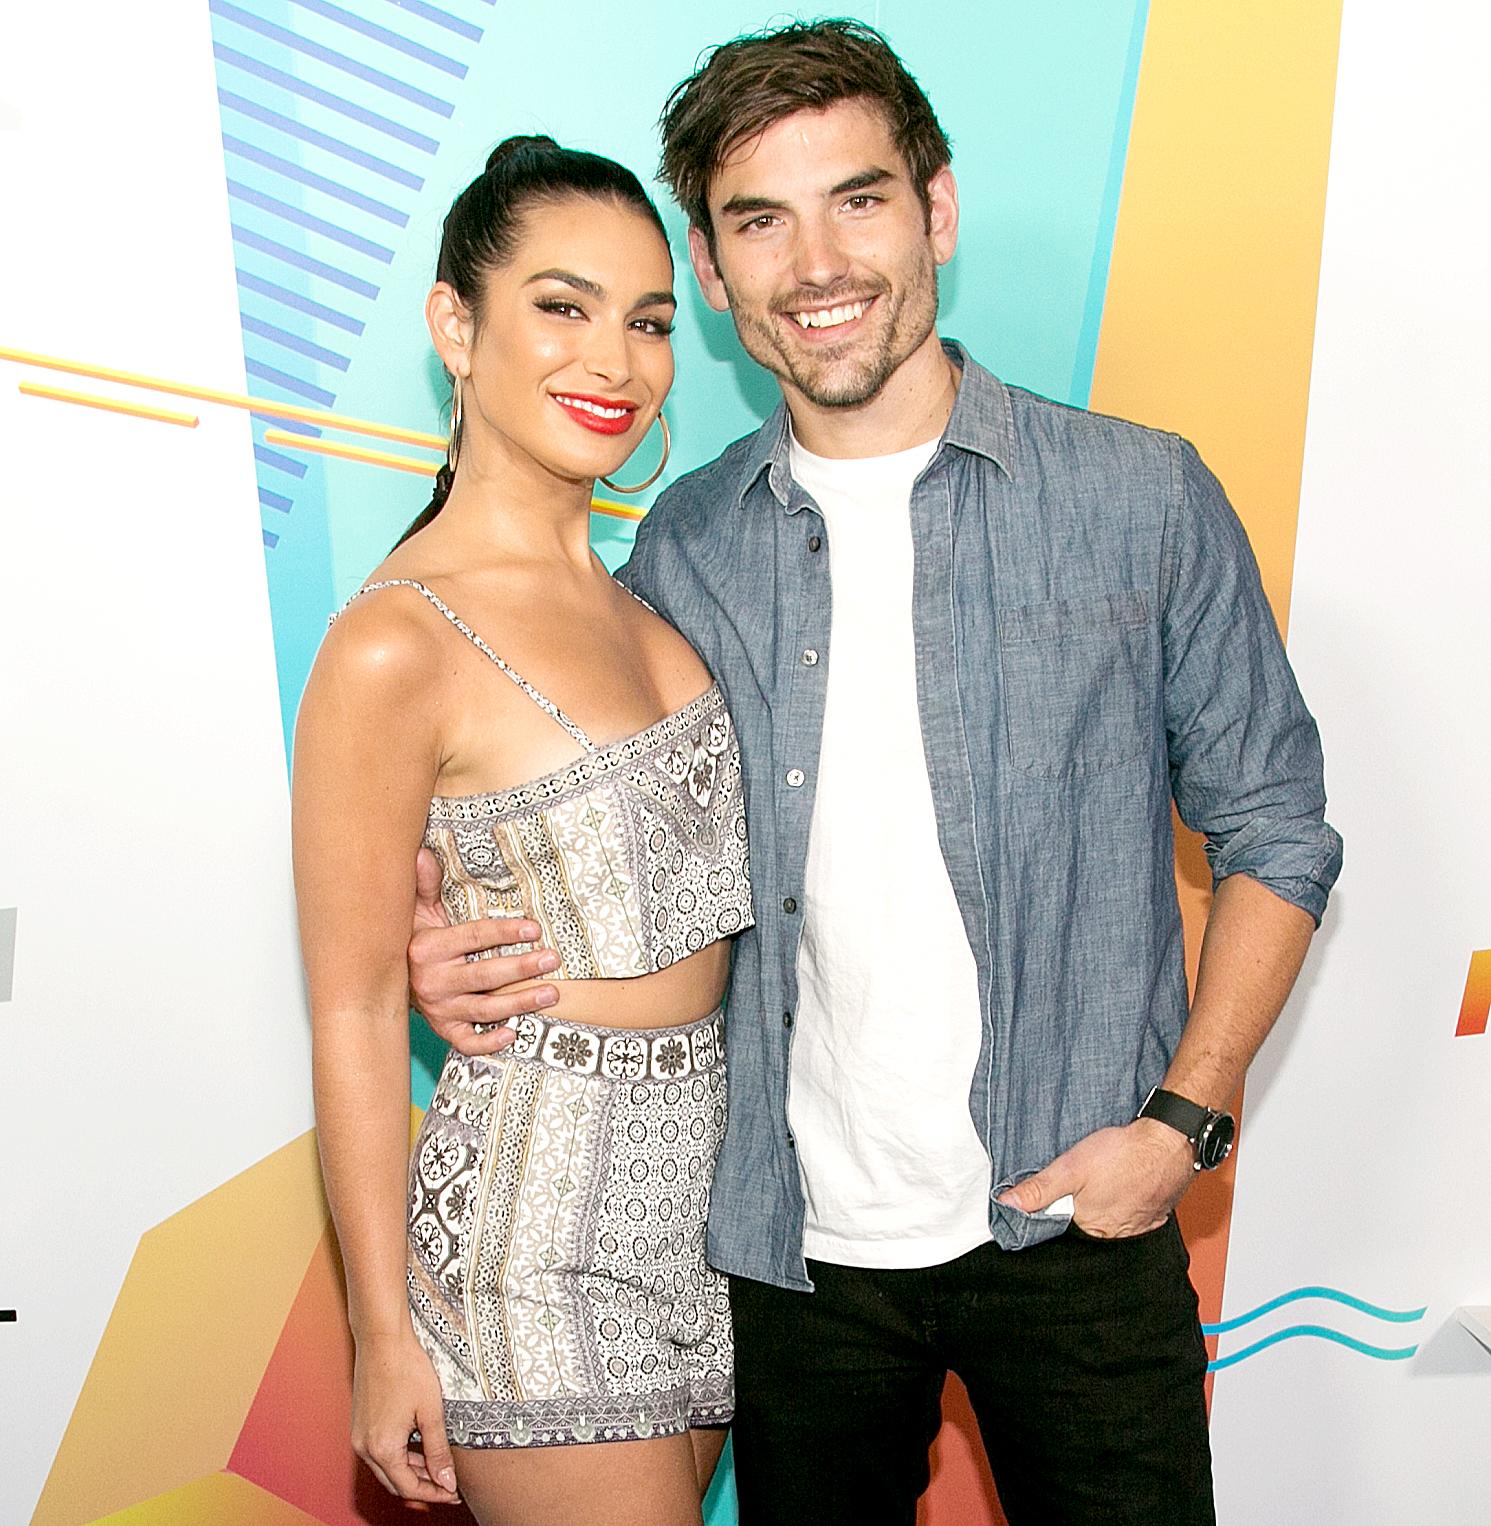 Ashley-Iaconetti-and-Jared-Haibon-engaged